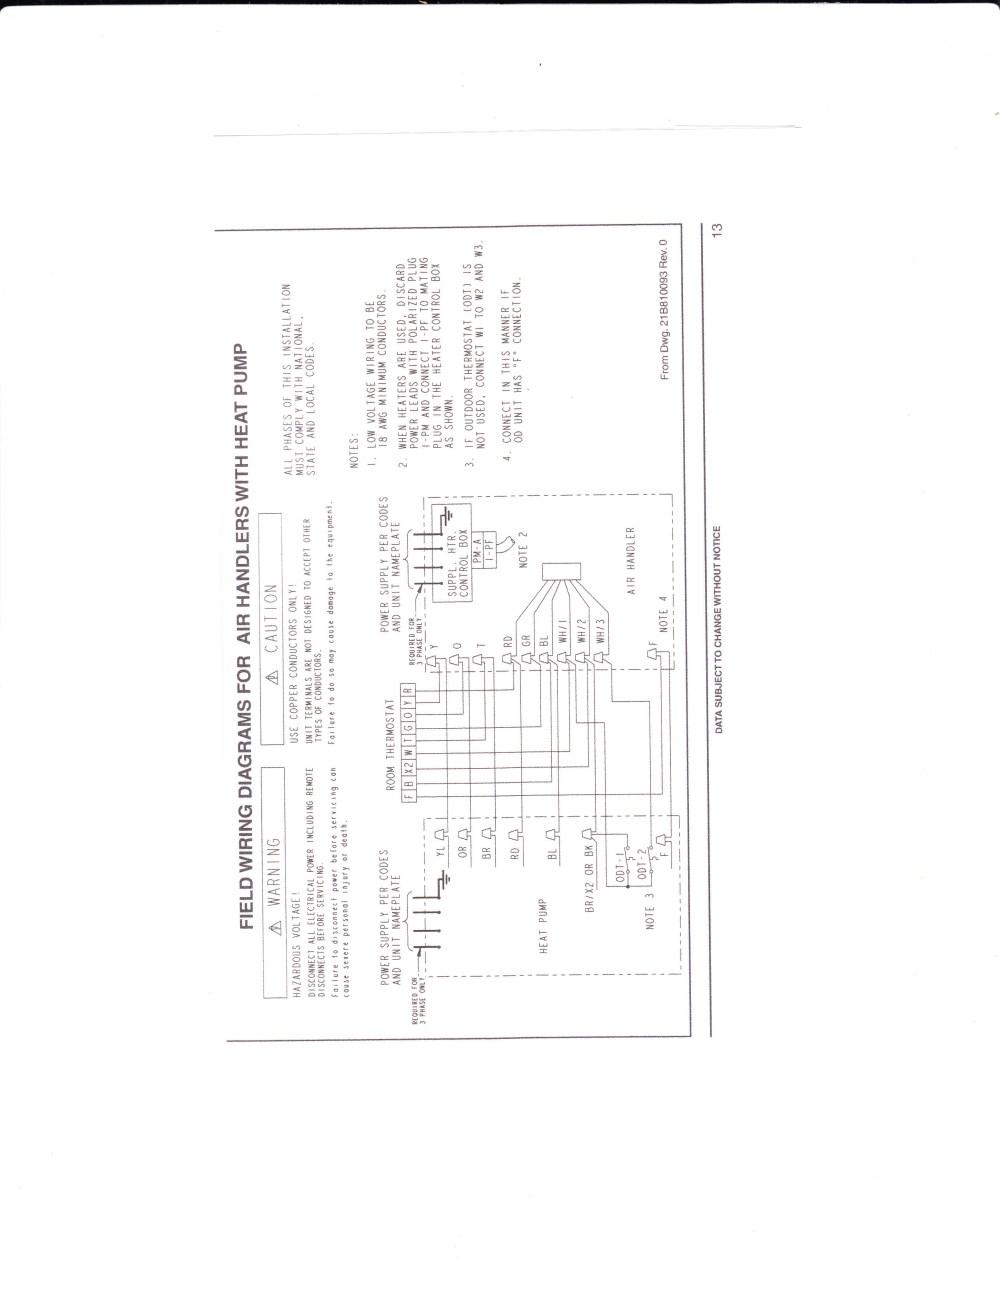 medium resolution of honeywell st9120c4057 wiring diagram erfreut heil ac schaltplan galerie schaltplan serie circuit honeywell st9120c4057 wiring